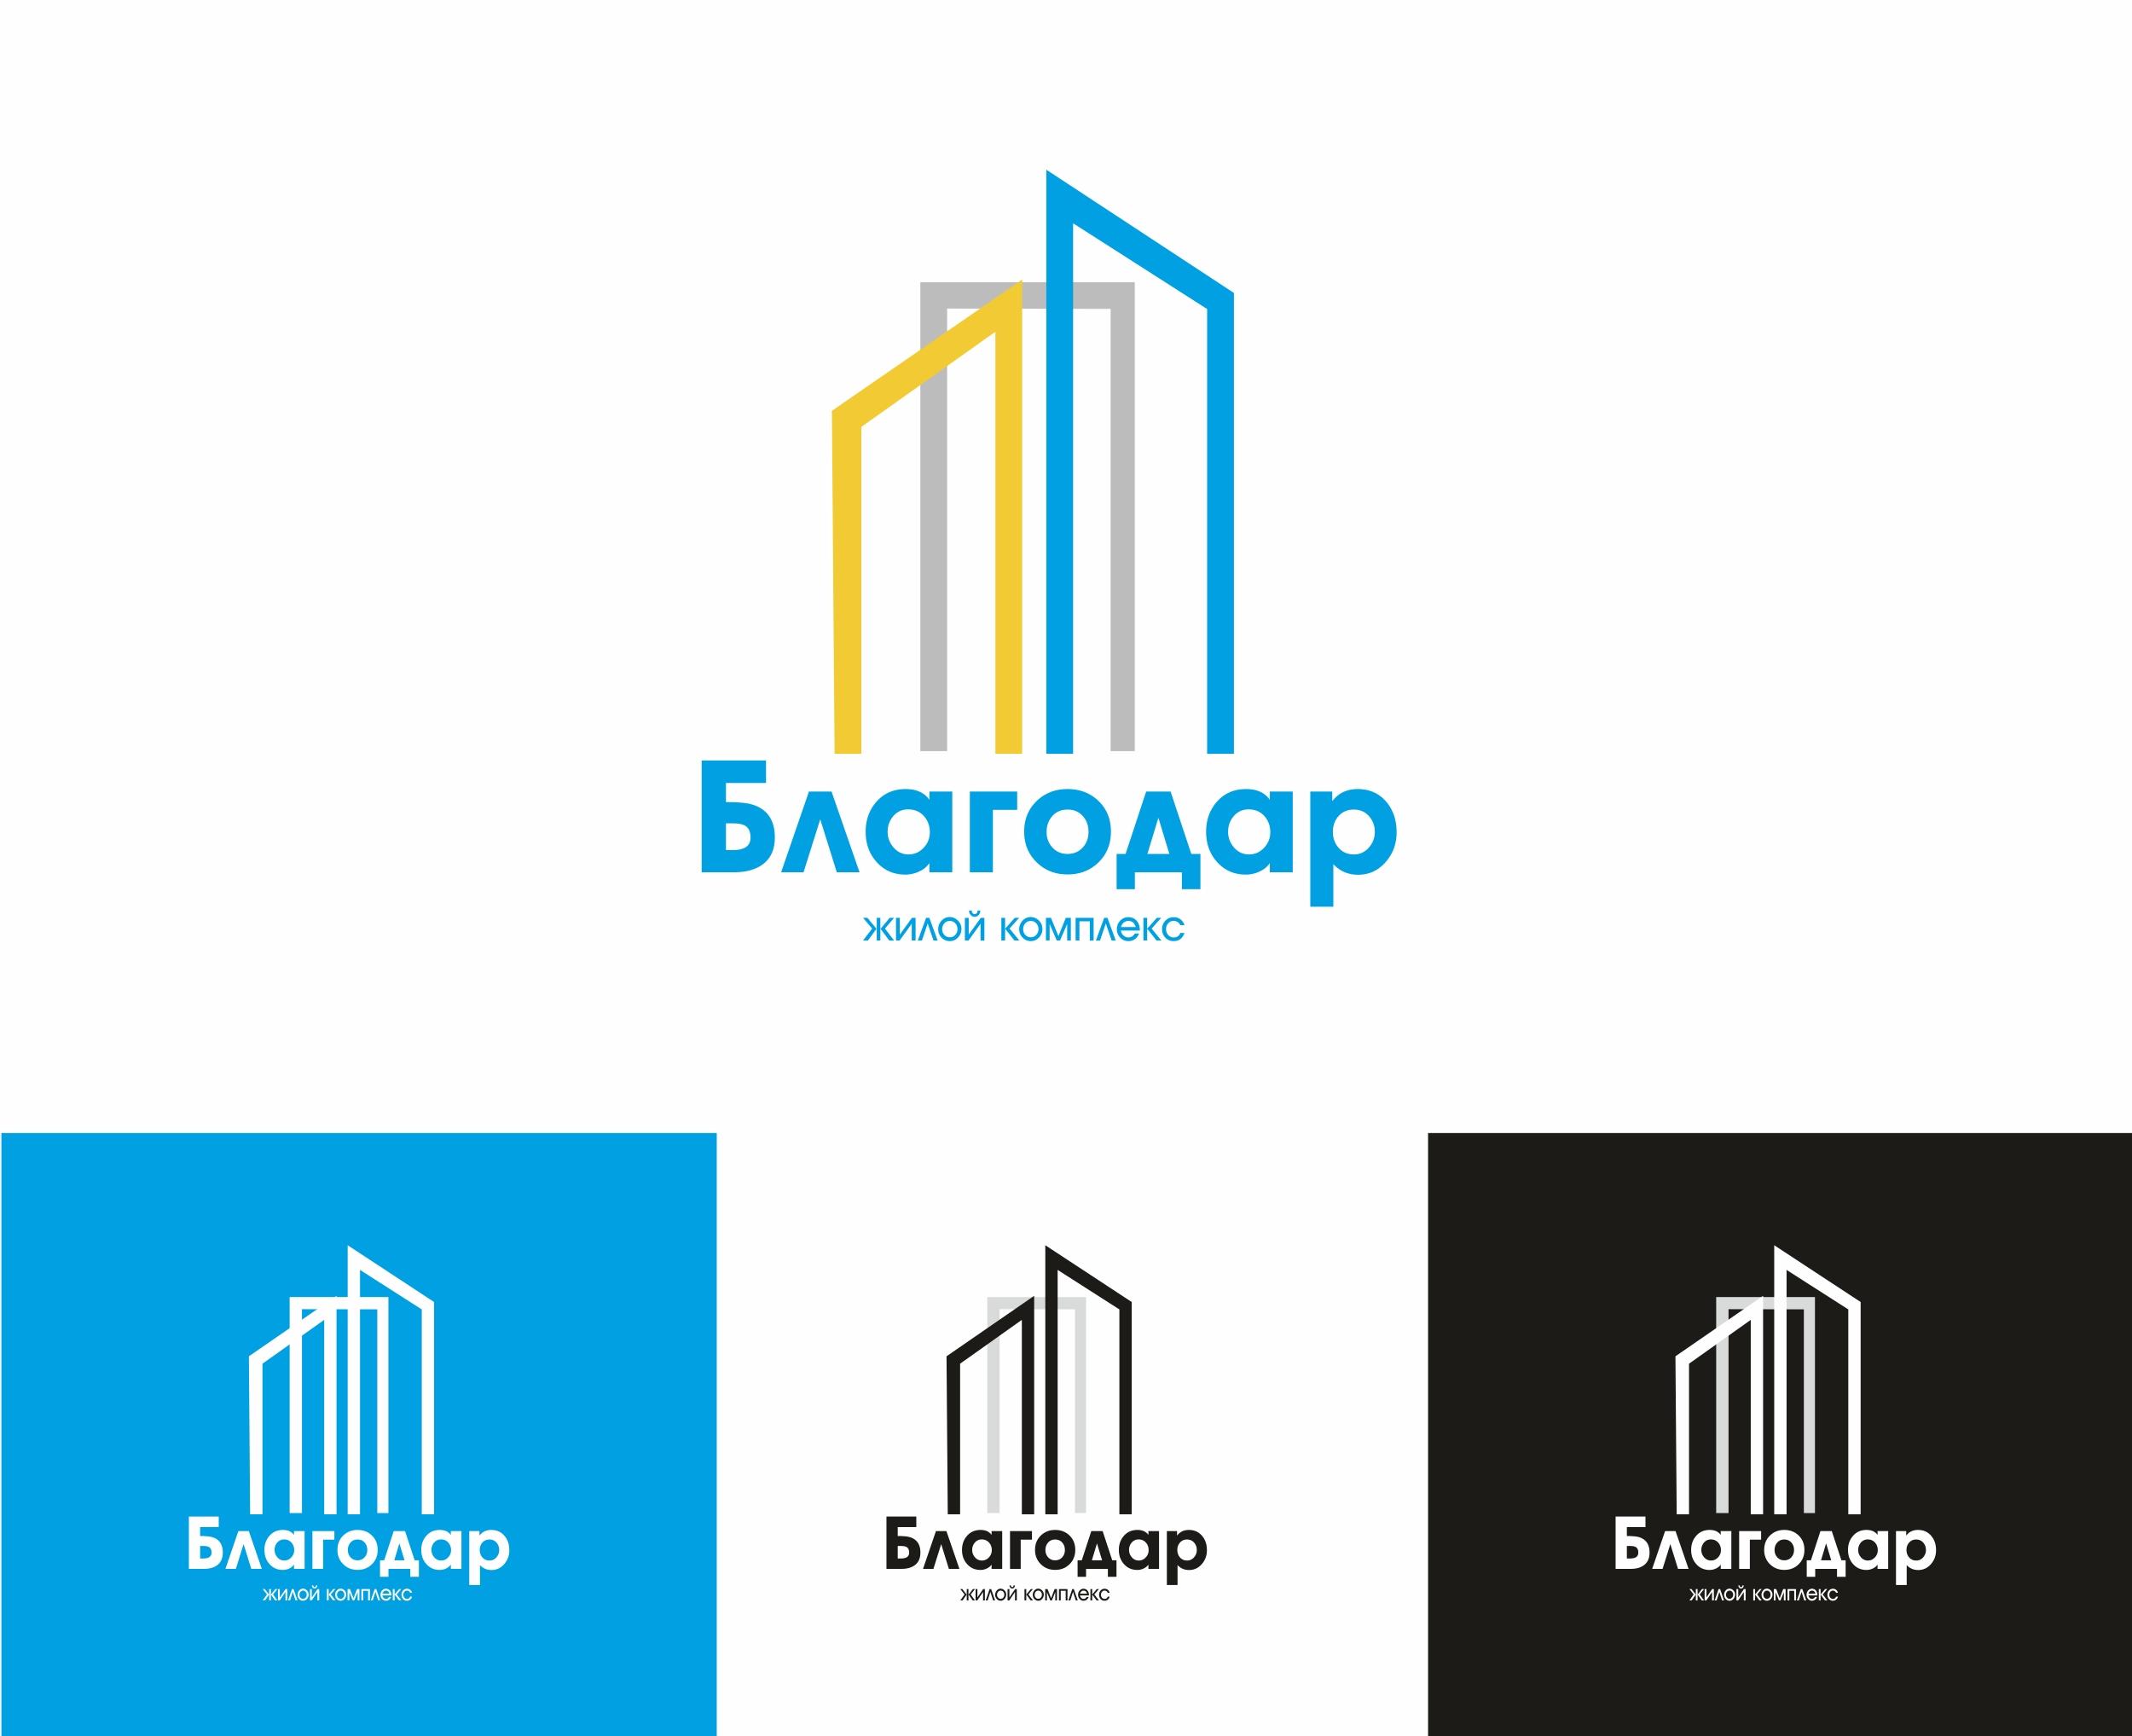 Разработка логотипа и фирменный стиль фото f_3995971c062e29a5.jpg